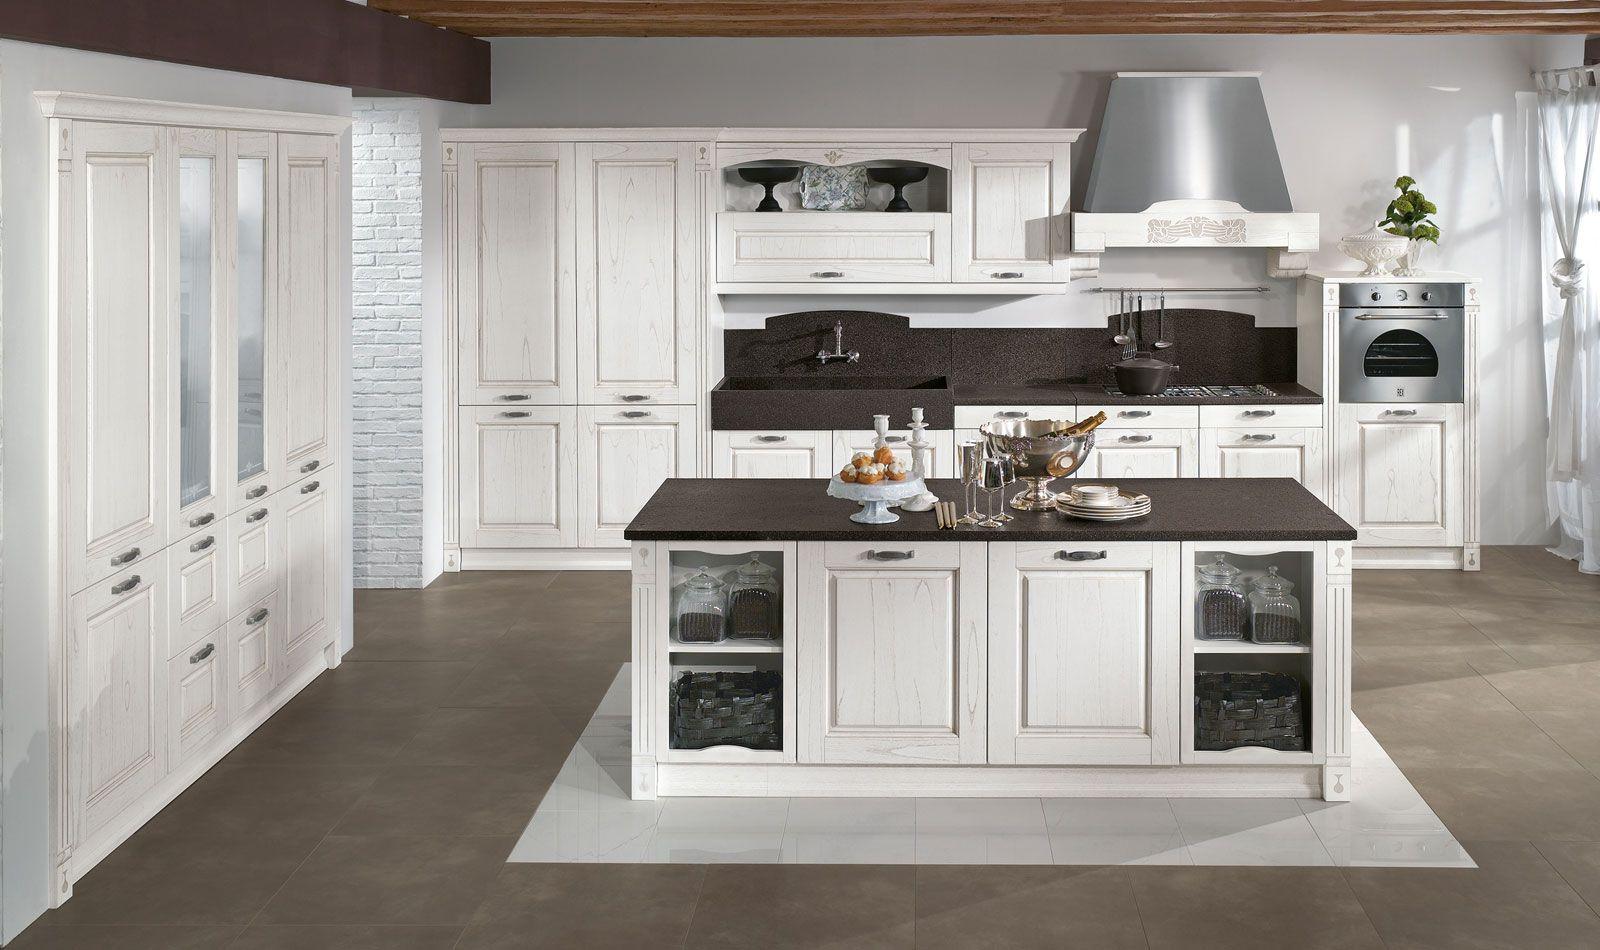 Arredo3 cucine moderne, cucine classiche, cucina, cucine